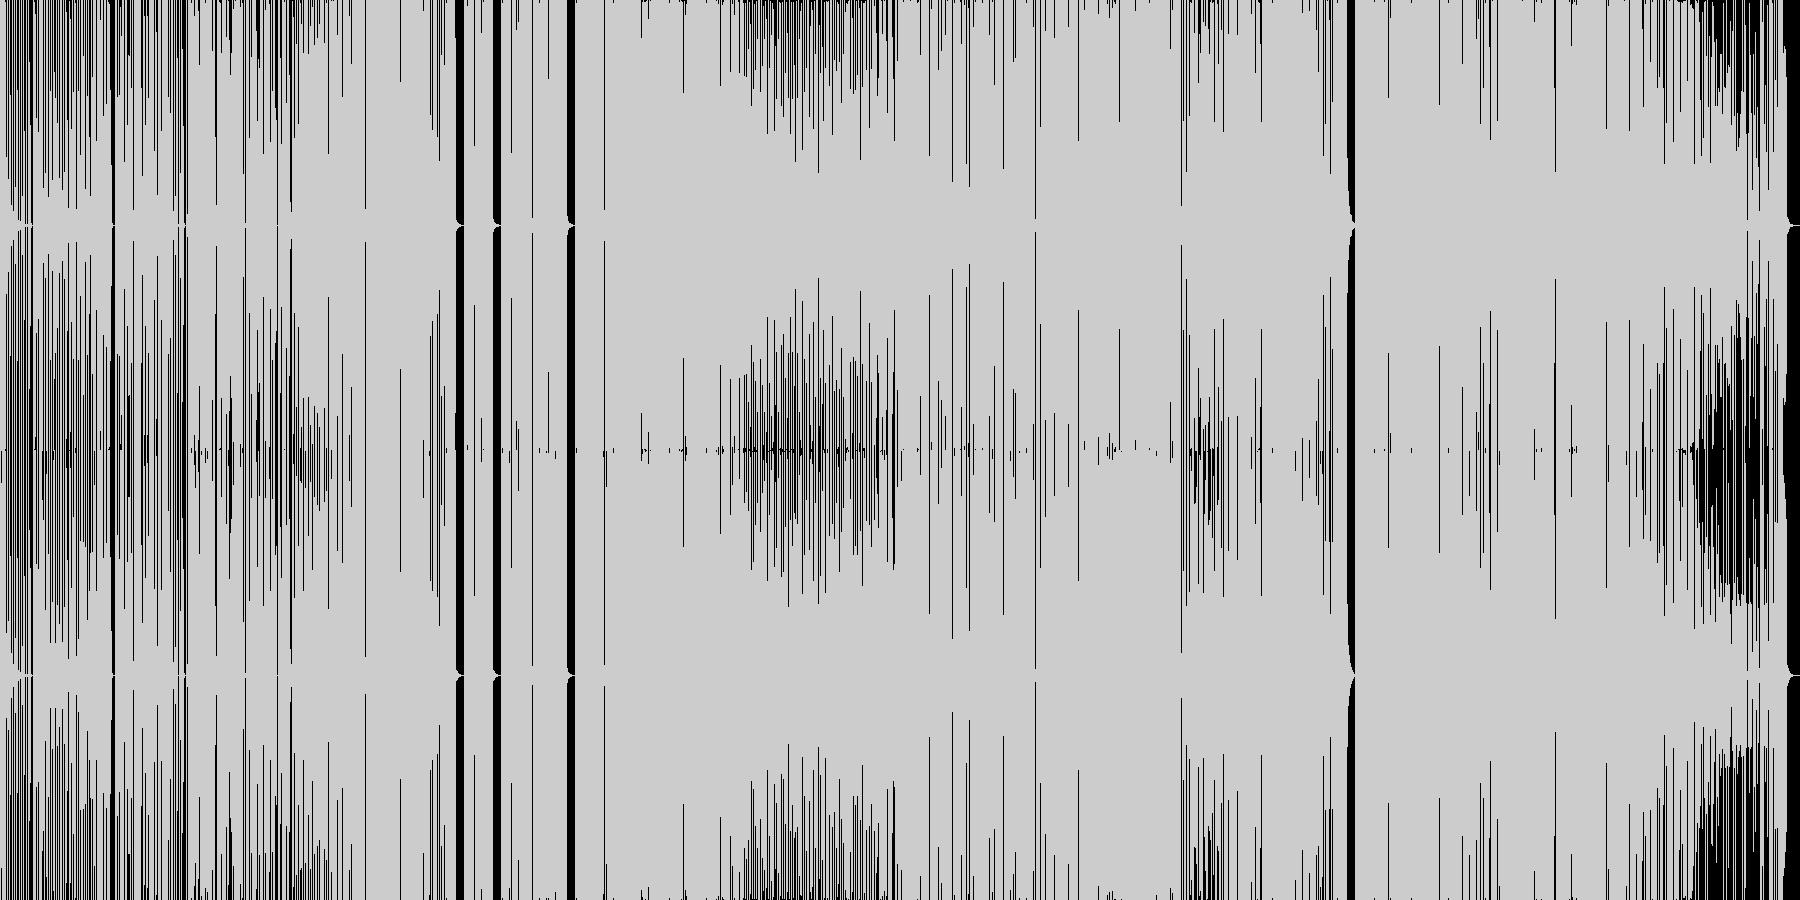 ちょっと変わったフューチャーベースの未再生の波形